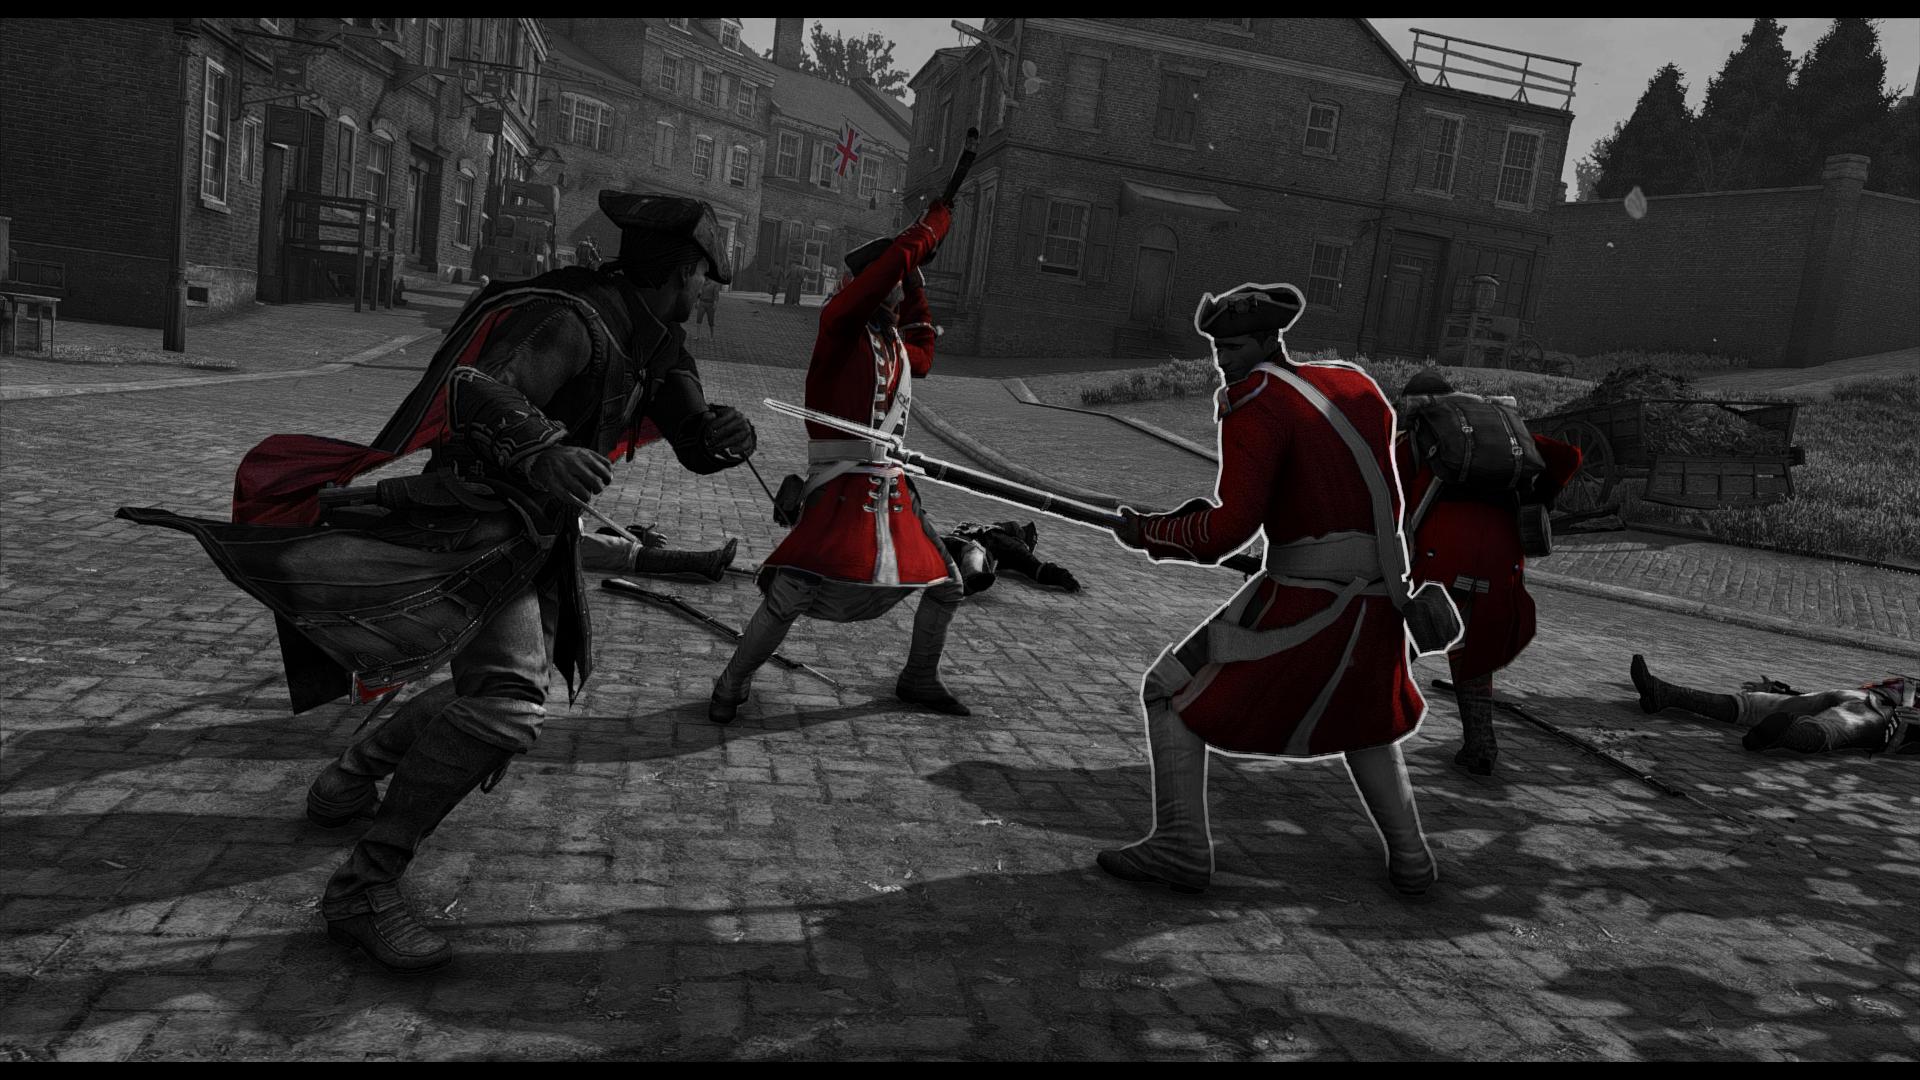 [CONTEST] Assassin's Creed Screenshots Sincity